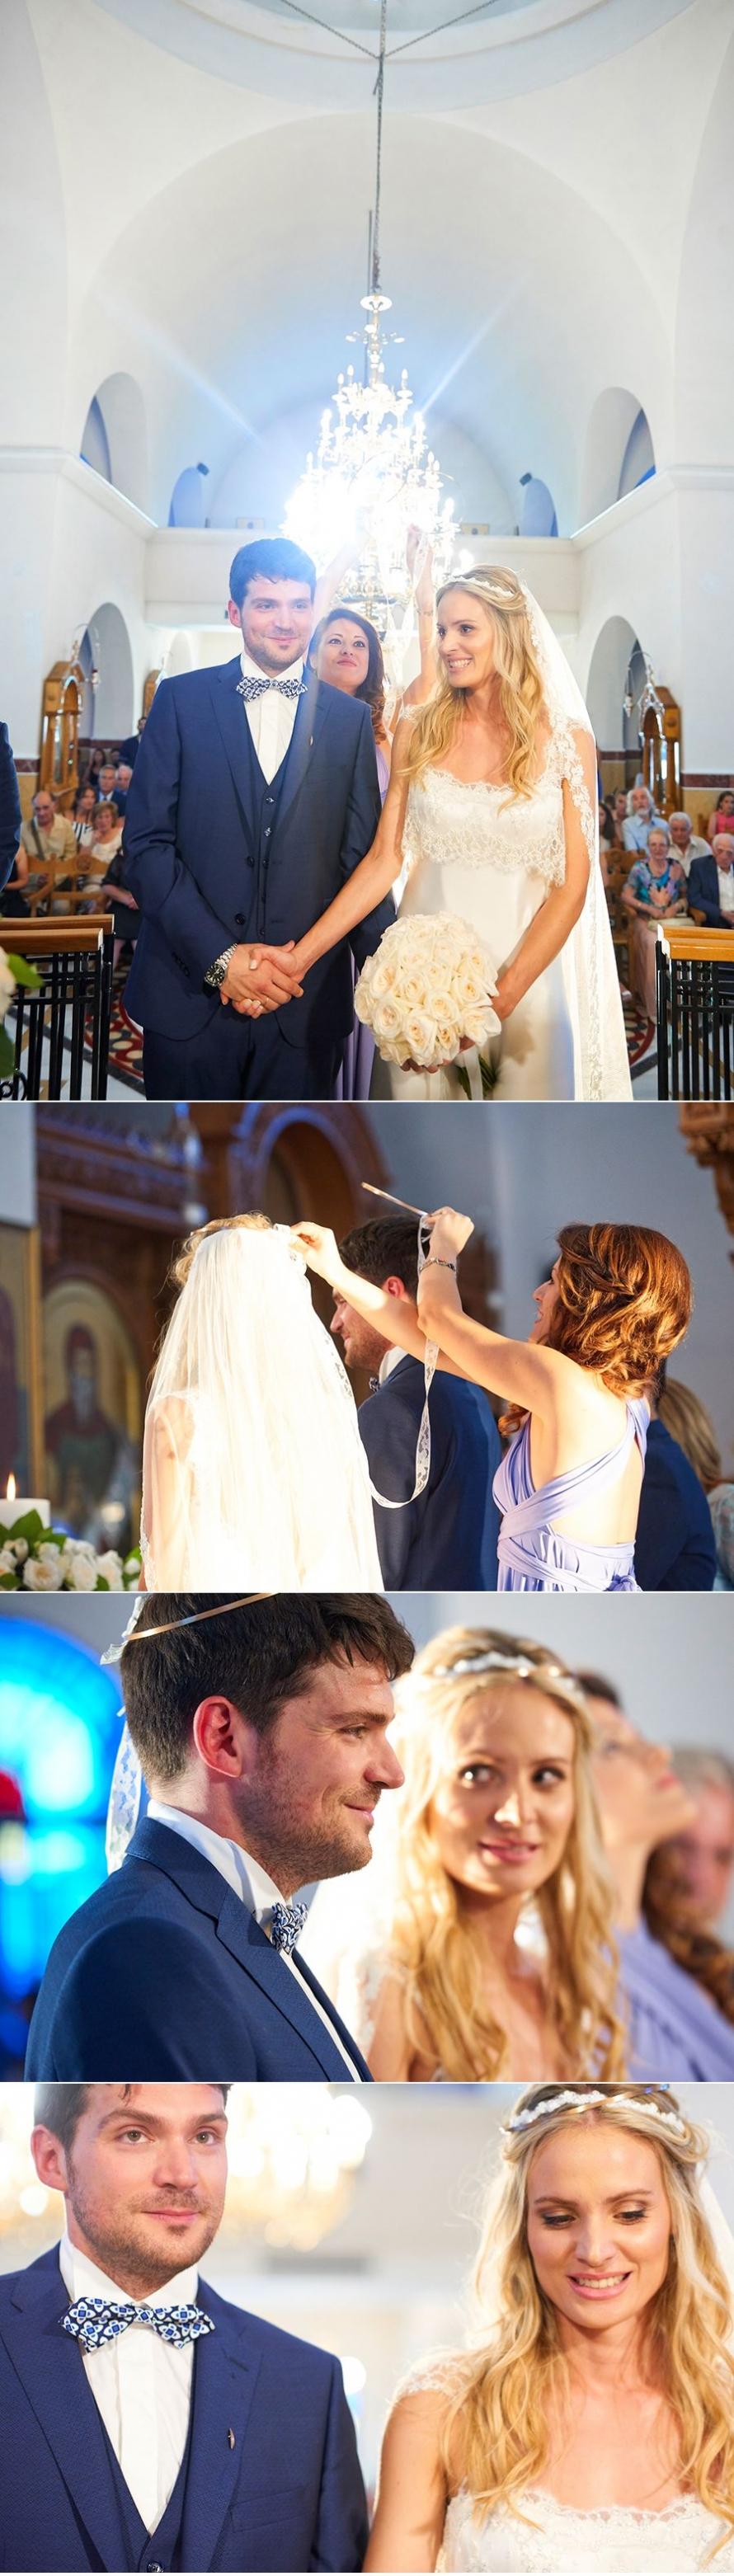 minas-georgia-wedding-photos-11